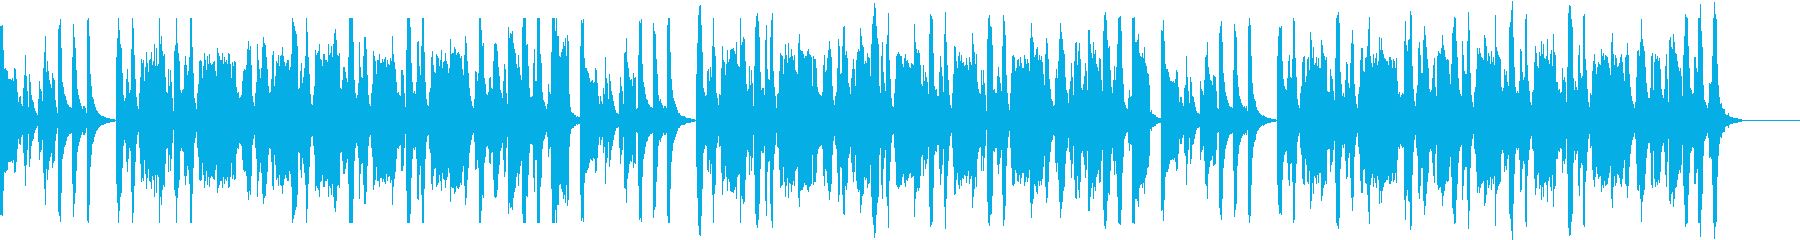 お座敷遊び歌 菊の花の替え歌の再生済みの波形